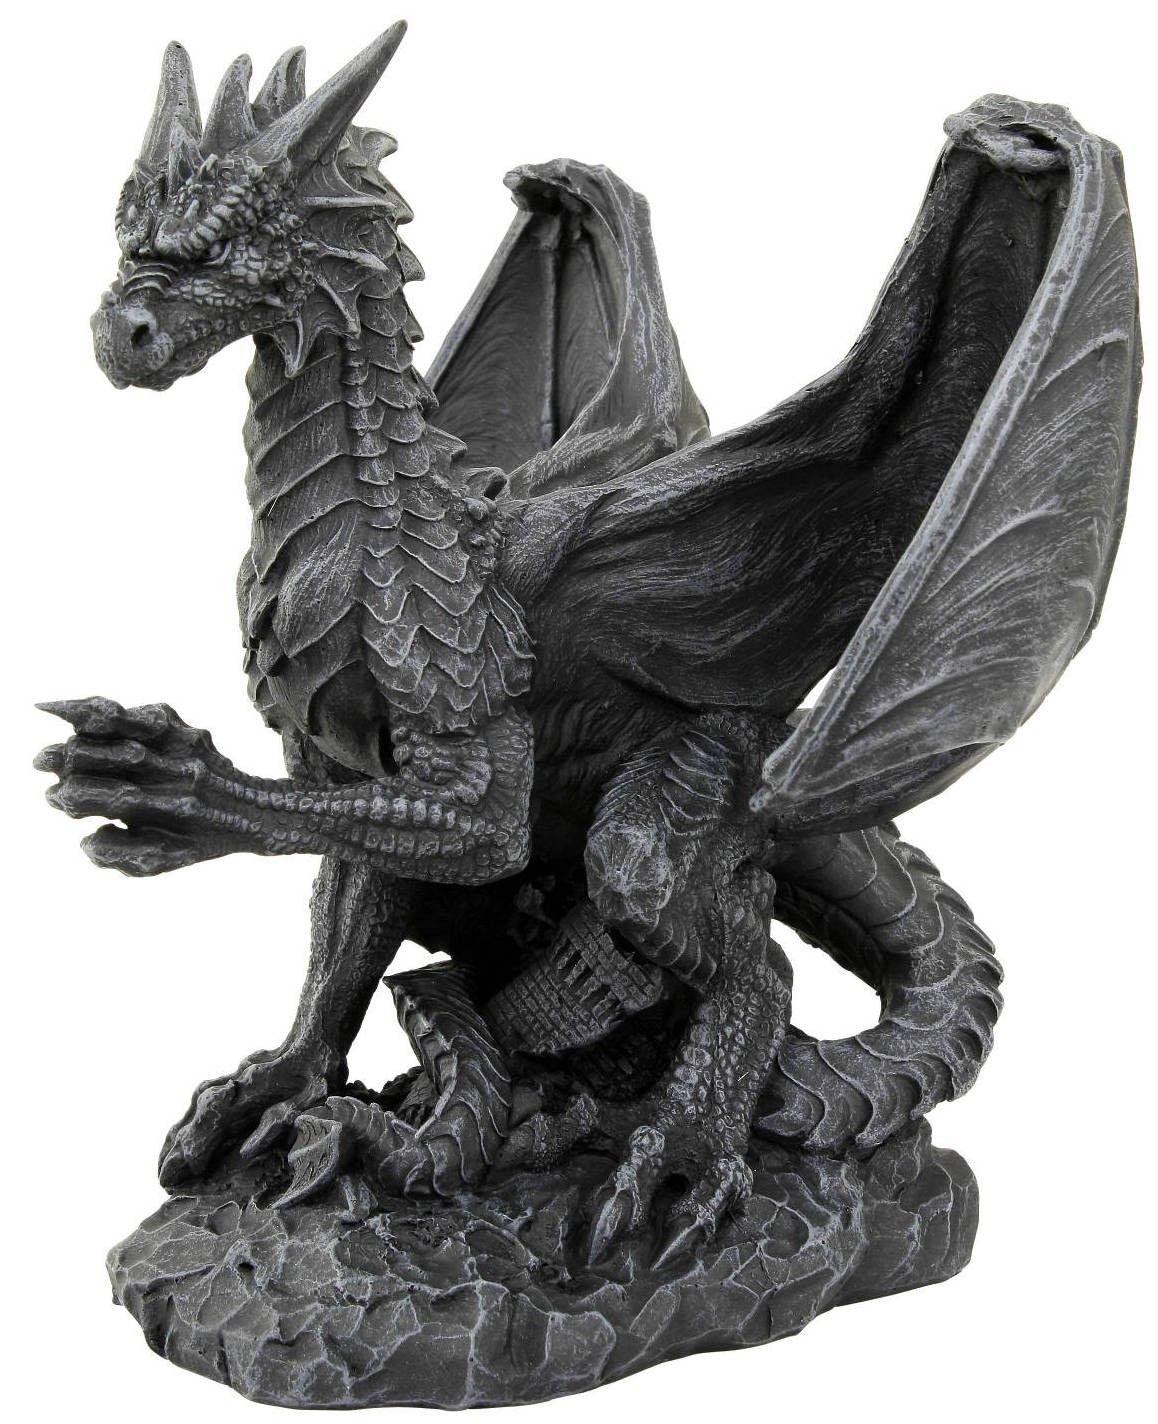 Bien-aimé Dragon en résine noir - Figurine collection | Figurines de dragons  CF02